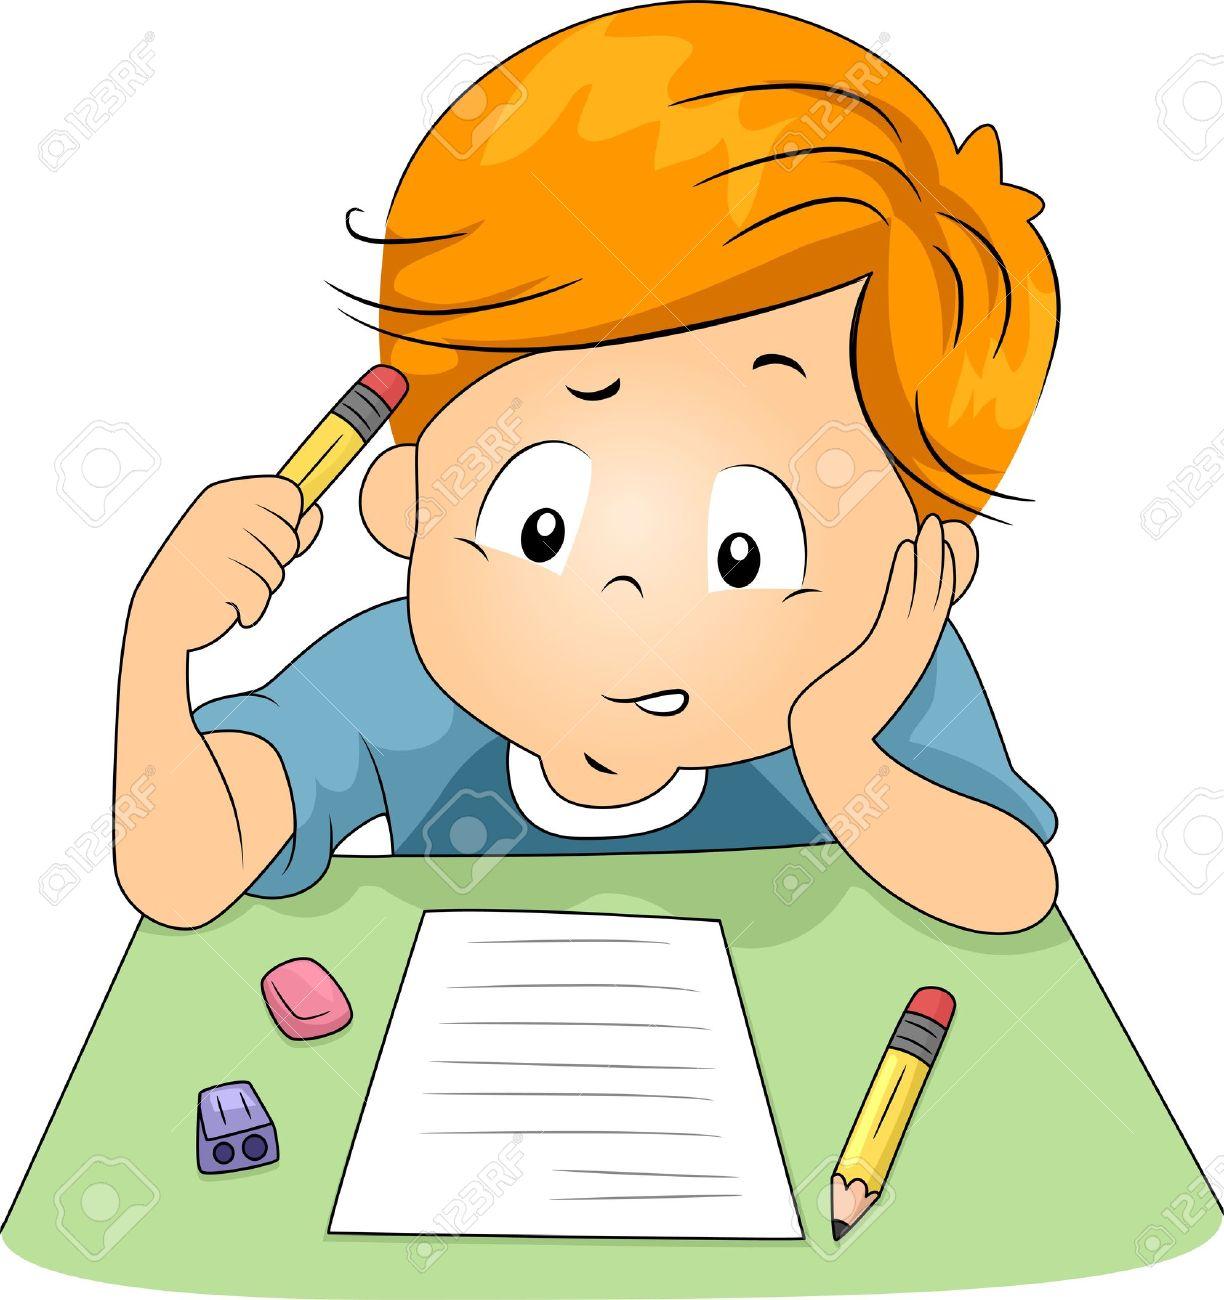 Иллюстрация kid Отвечая Контрольные вопросы Фотография картинки  Иллюстрация kid Отвечая Контрольные вопросы Фото со стока 10322209